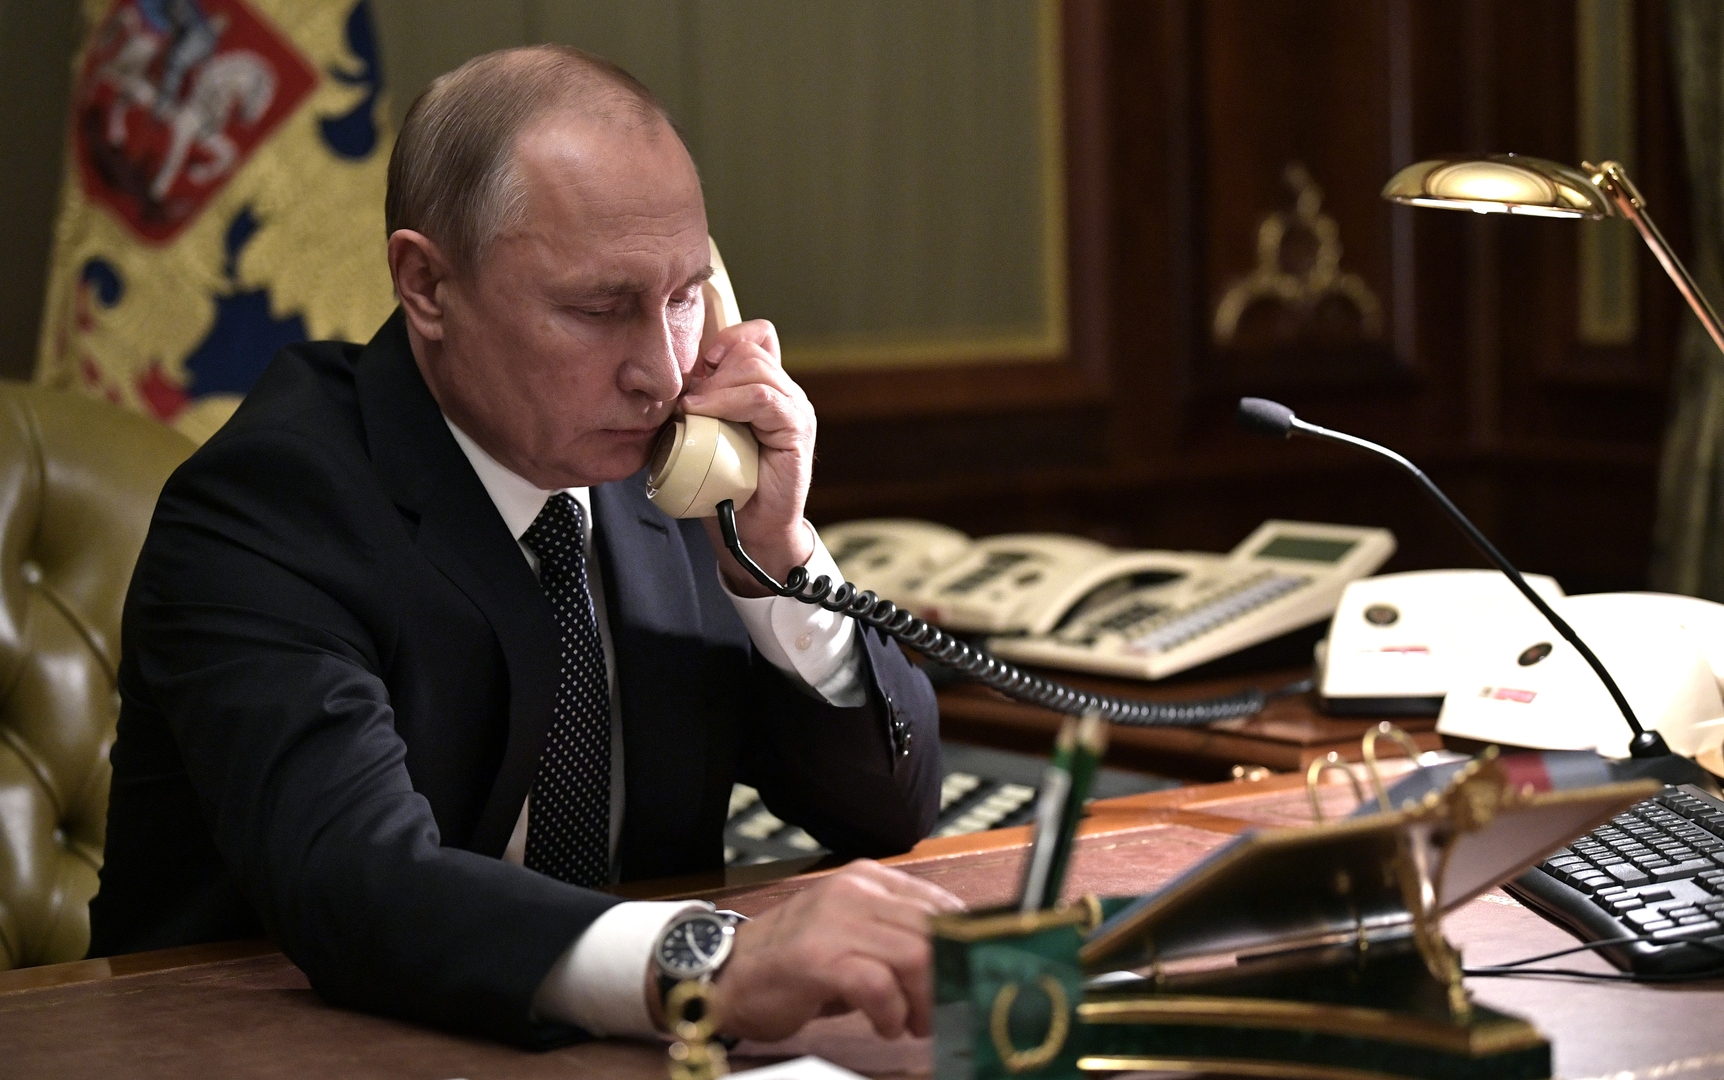 الكرملين: أي اتصالات بين بوتين وزيلينسكي تتطلب توفير الأرضية لها